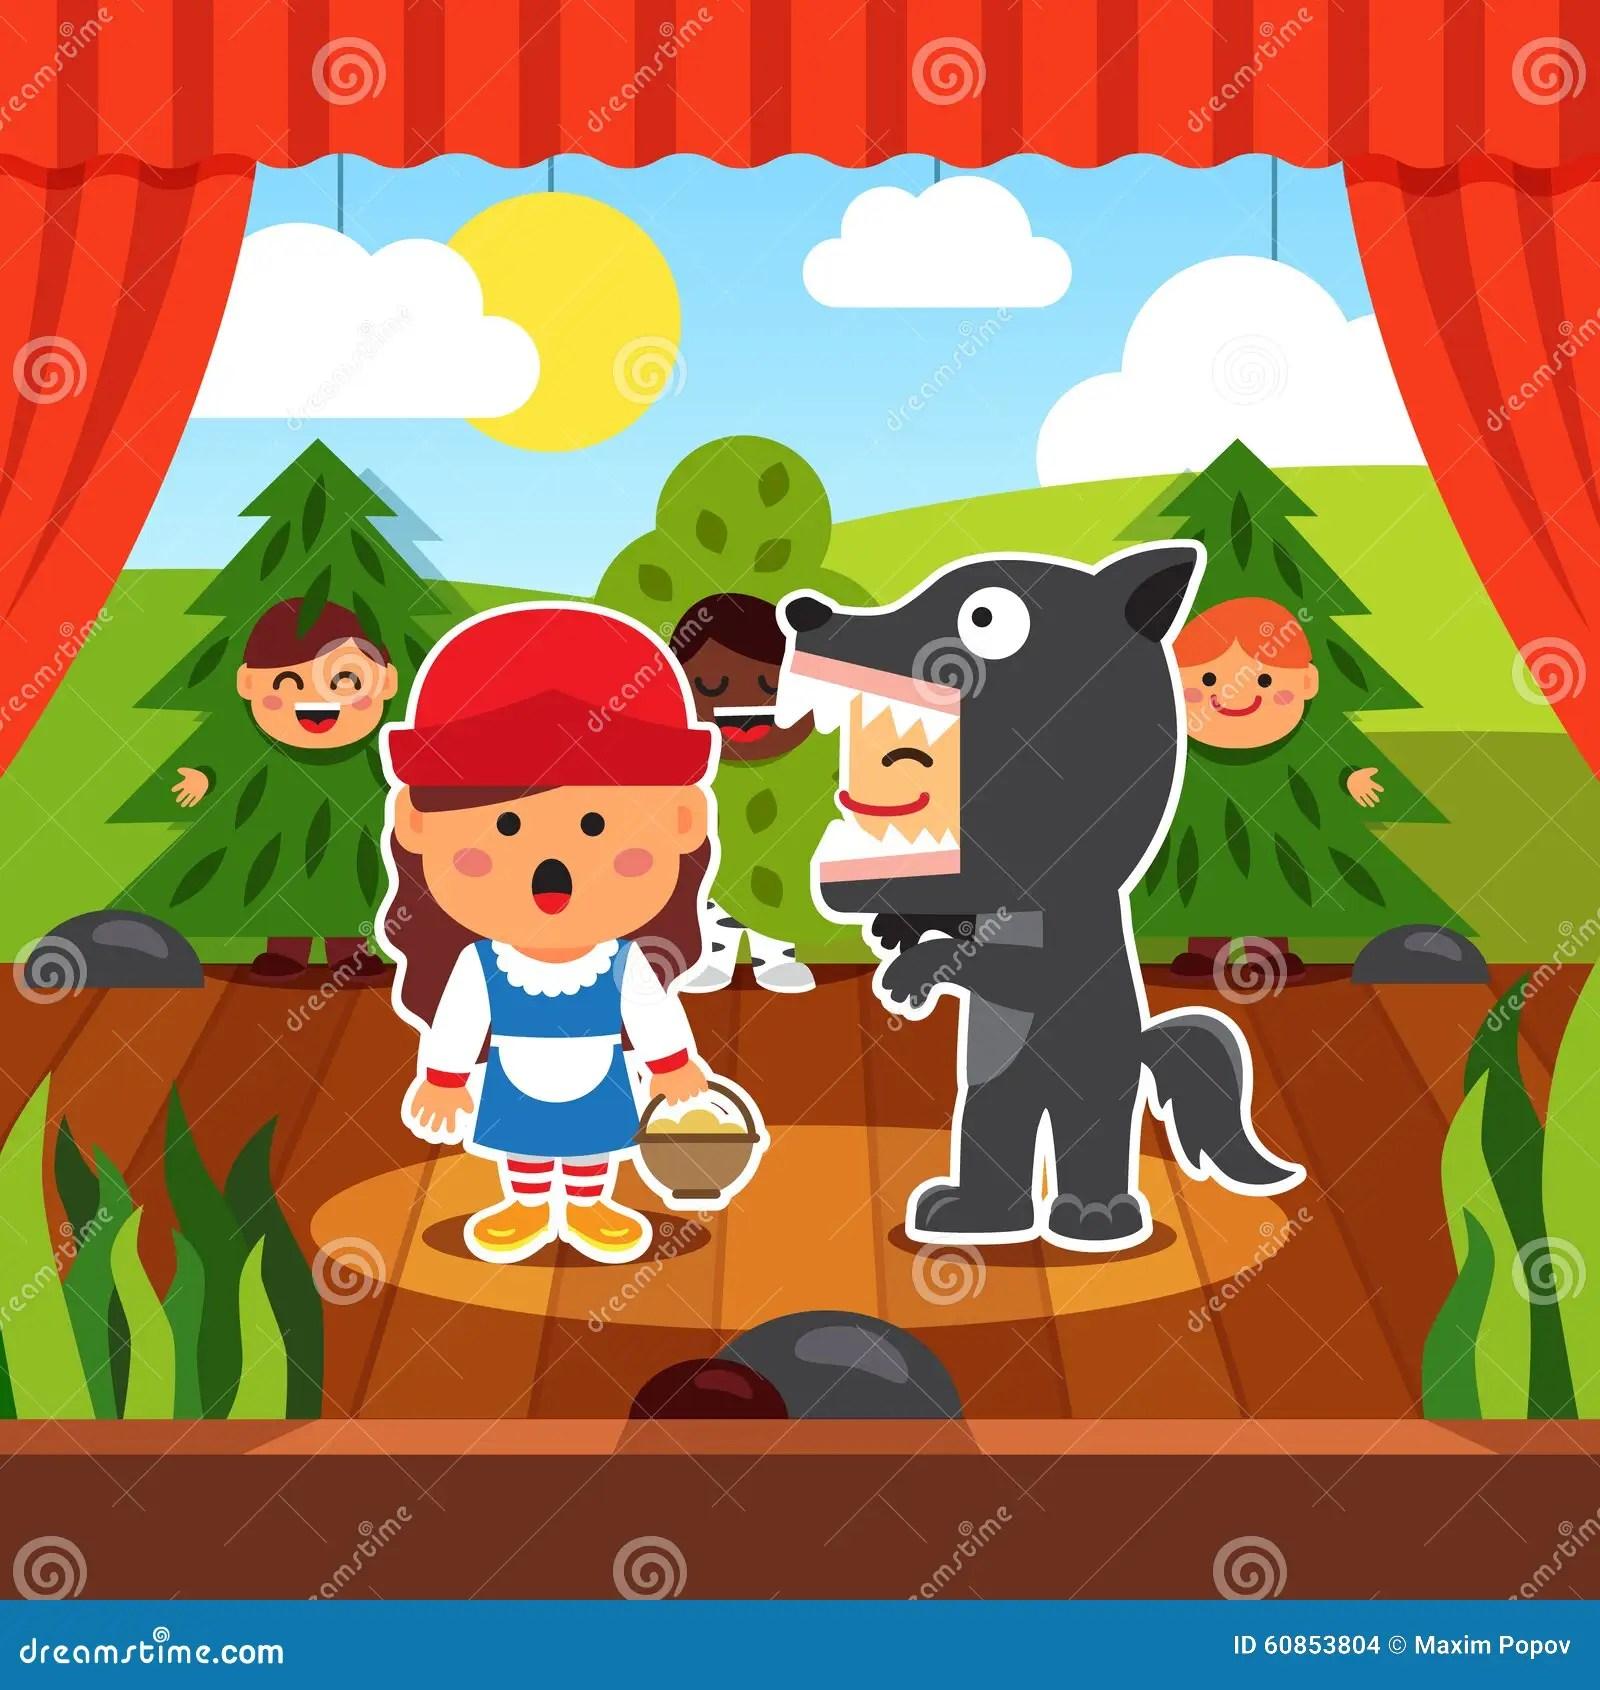 Kindergarten Theatre Play Stock Vector Image Of Boards